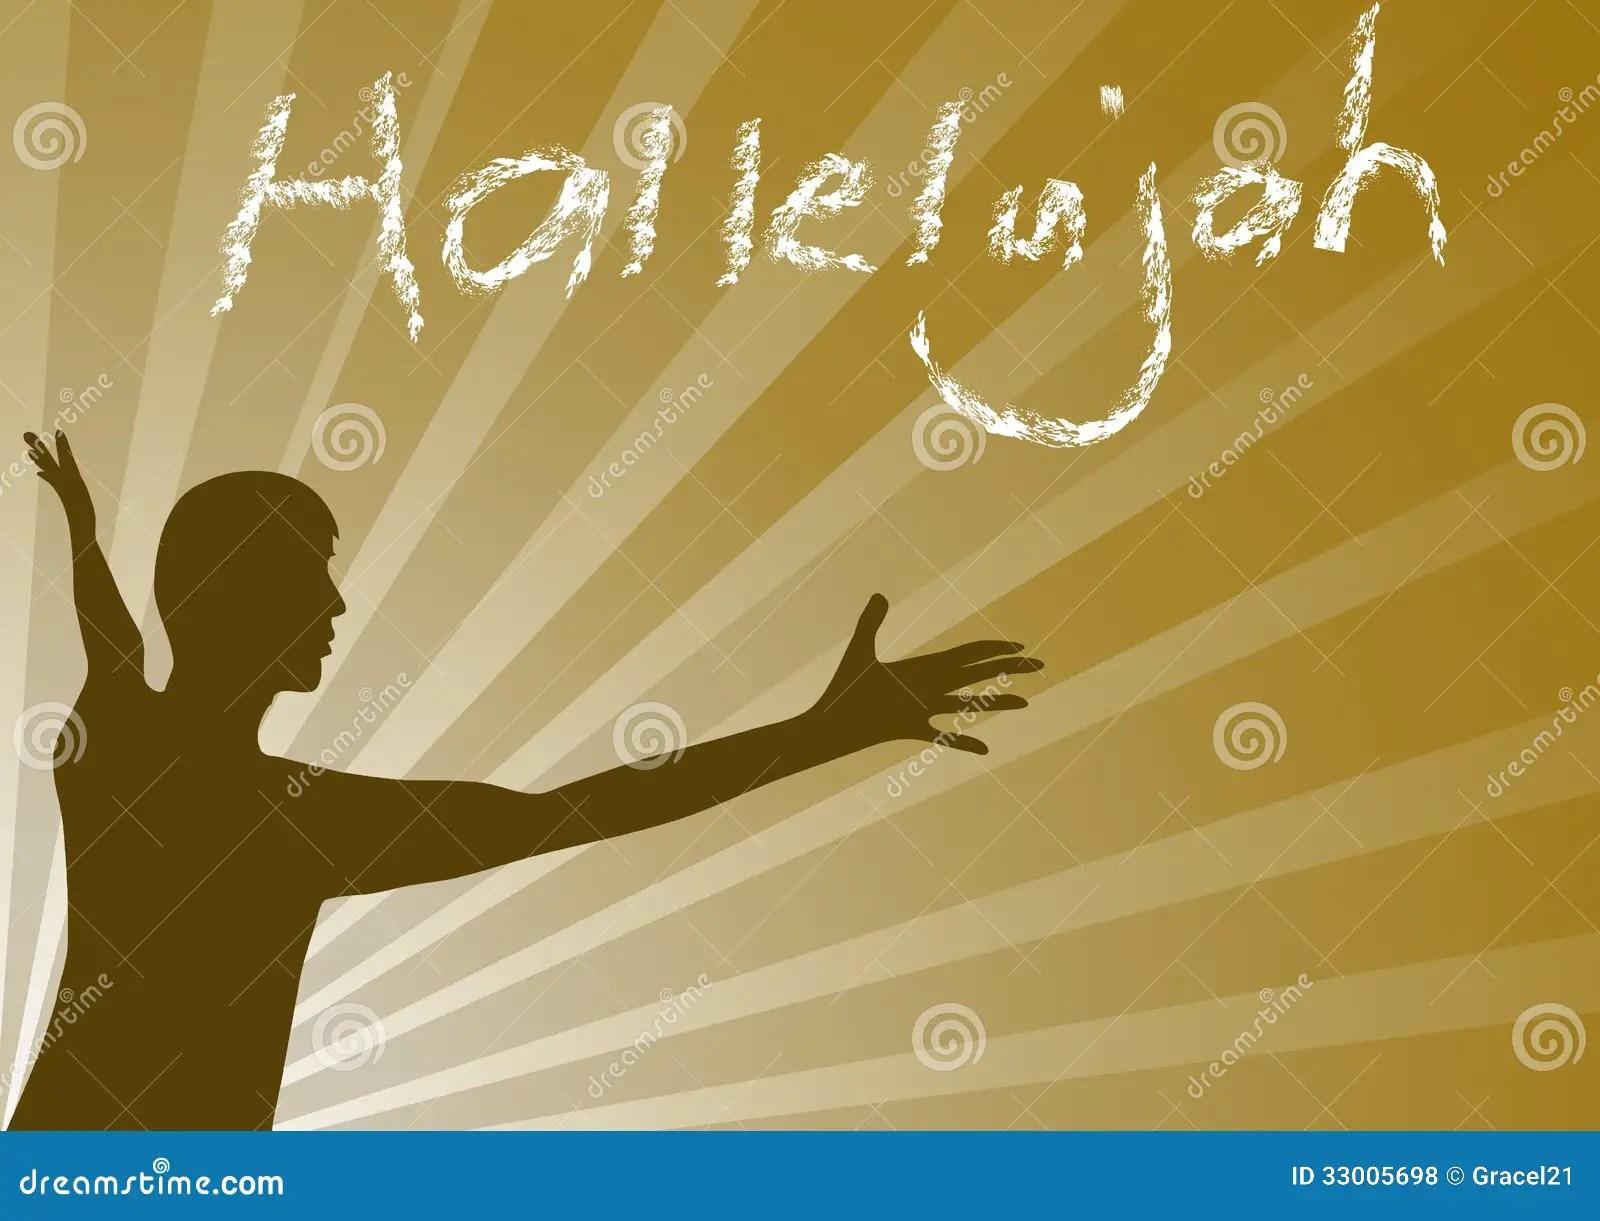 Hallelujah Jesus Royalty Free Stock Photos - Image: 33005698